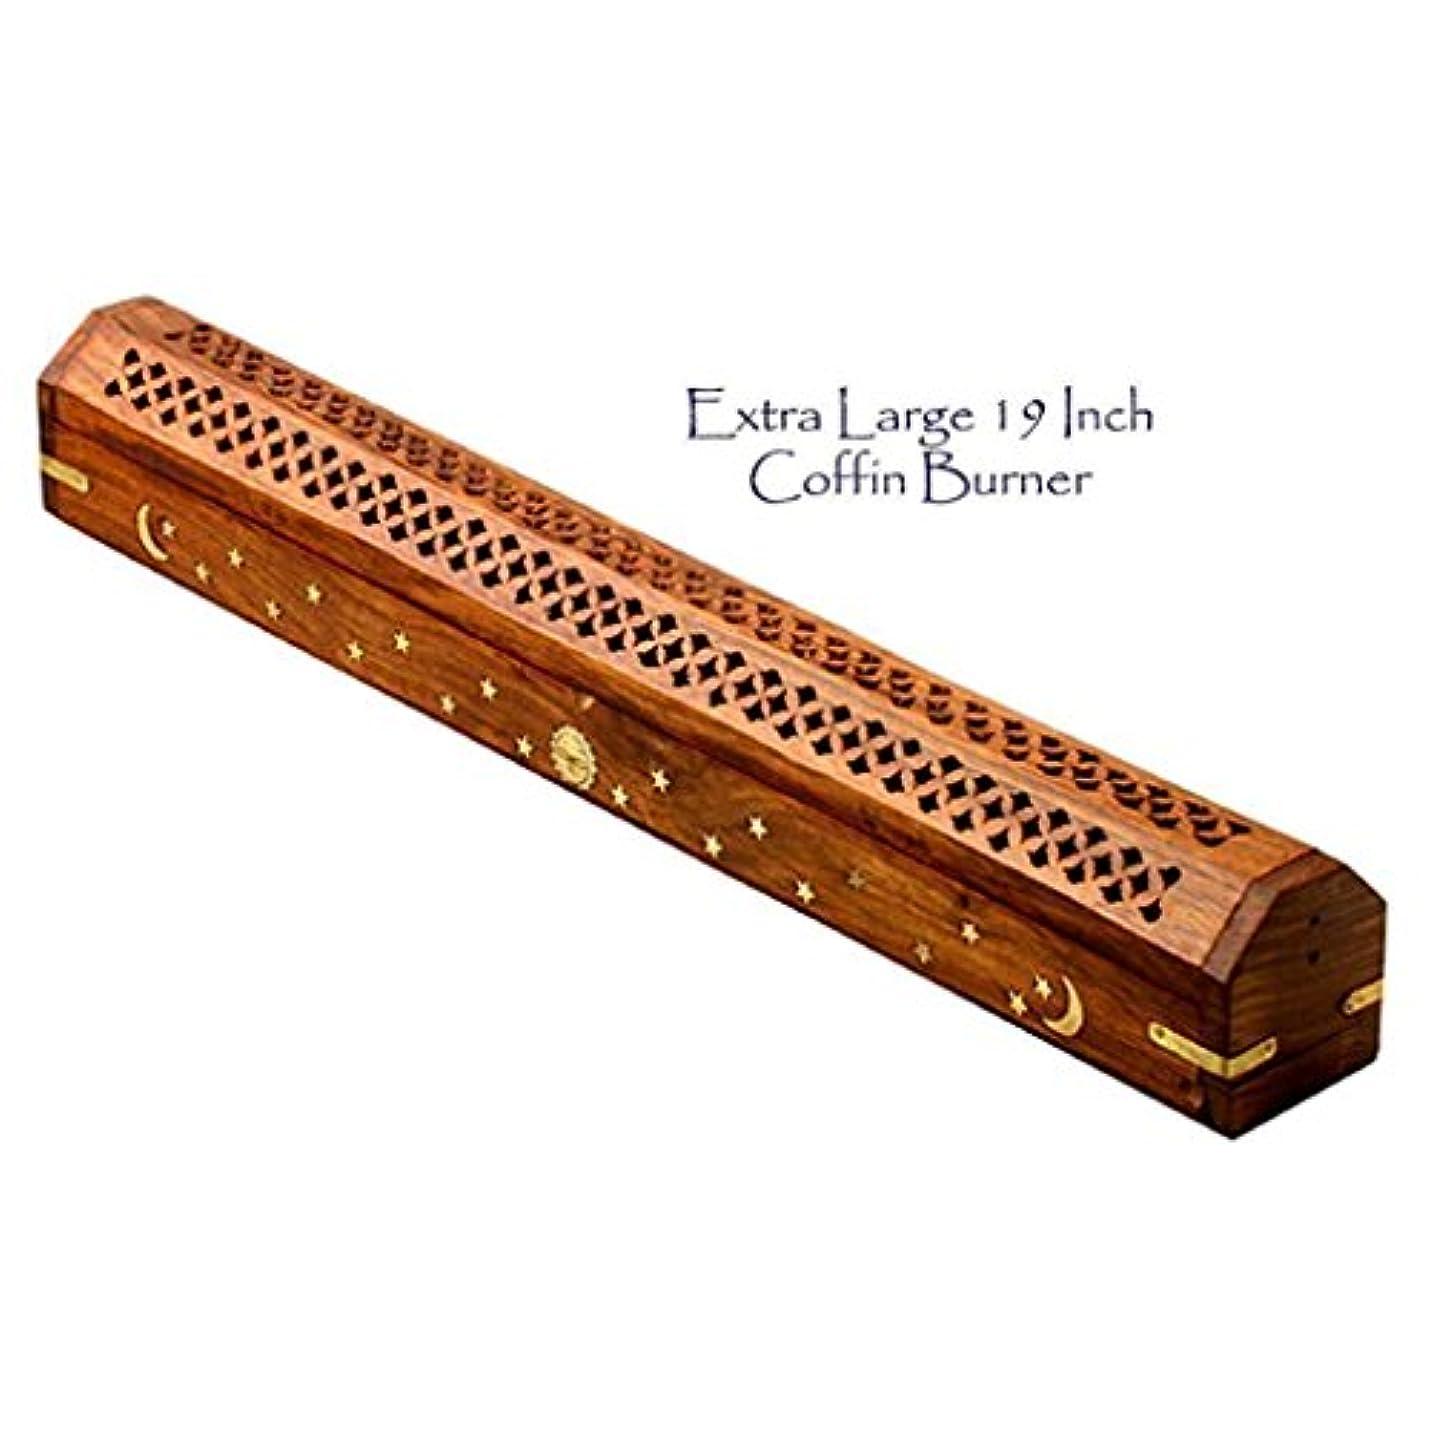 学者伝統付添人The Parfumerie Incense CoFfIn / Burner Extra Large for 19 in。Incense Sticks – 真鍮月&星